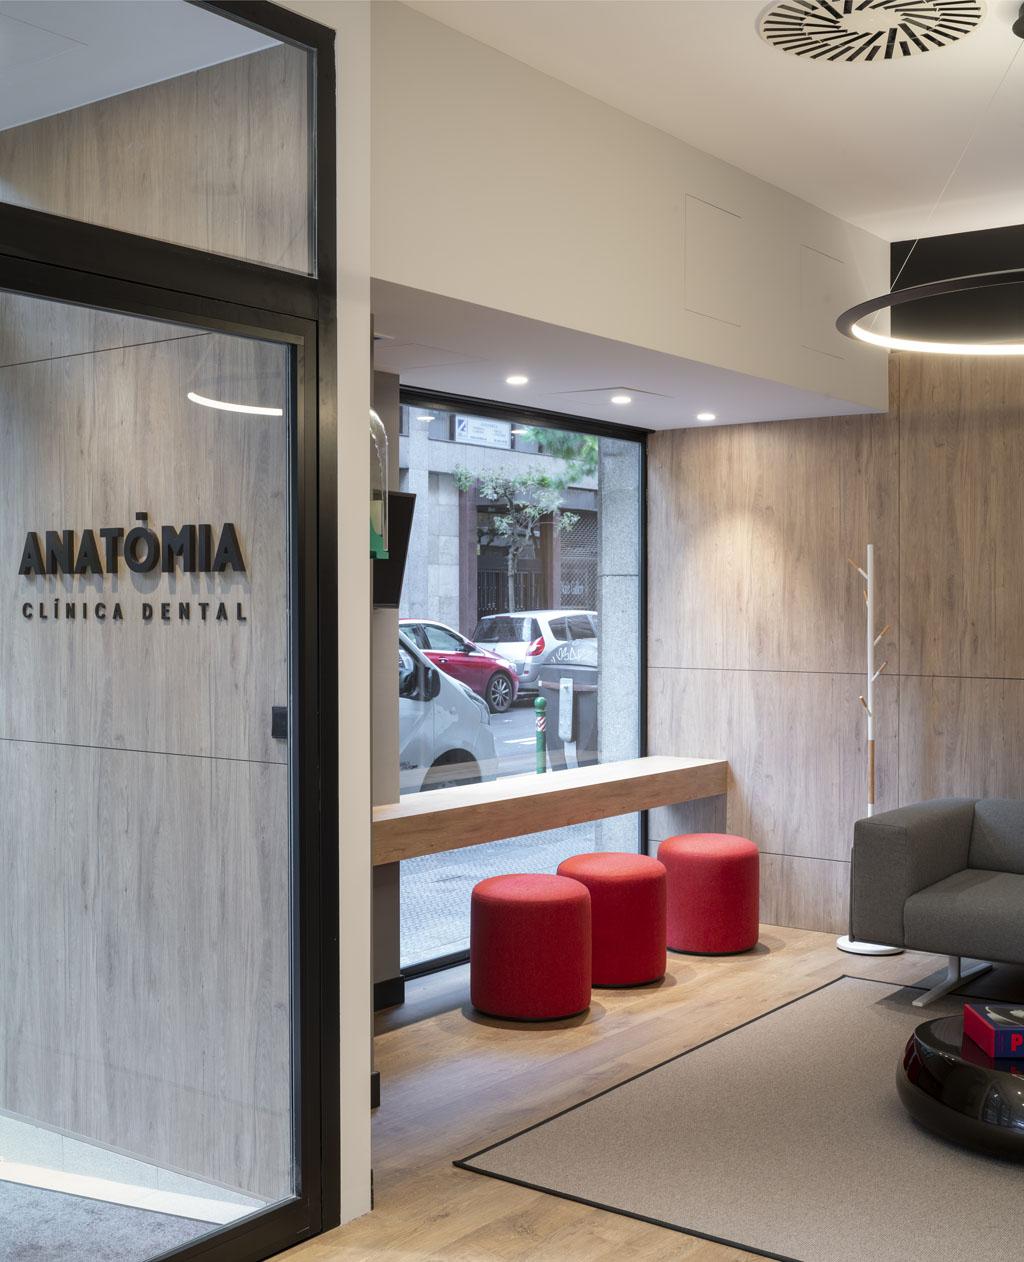 ANATOMIA_web_013-Erlantz Biderbost fotografo de arquitectura e interiores